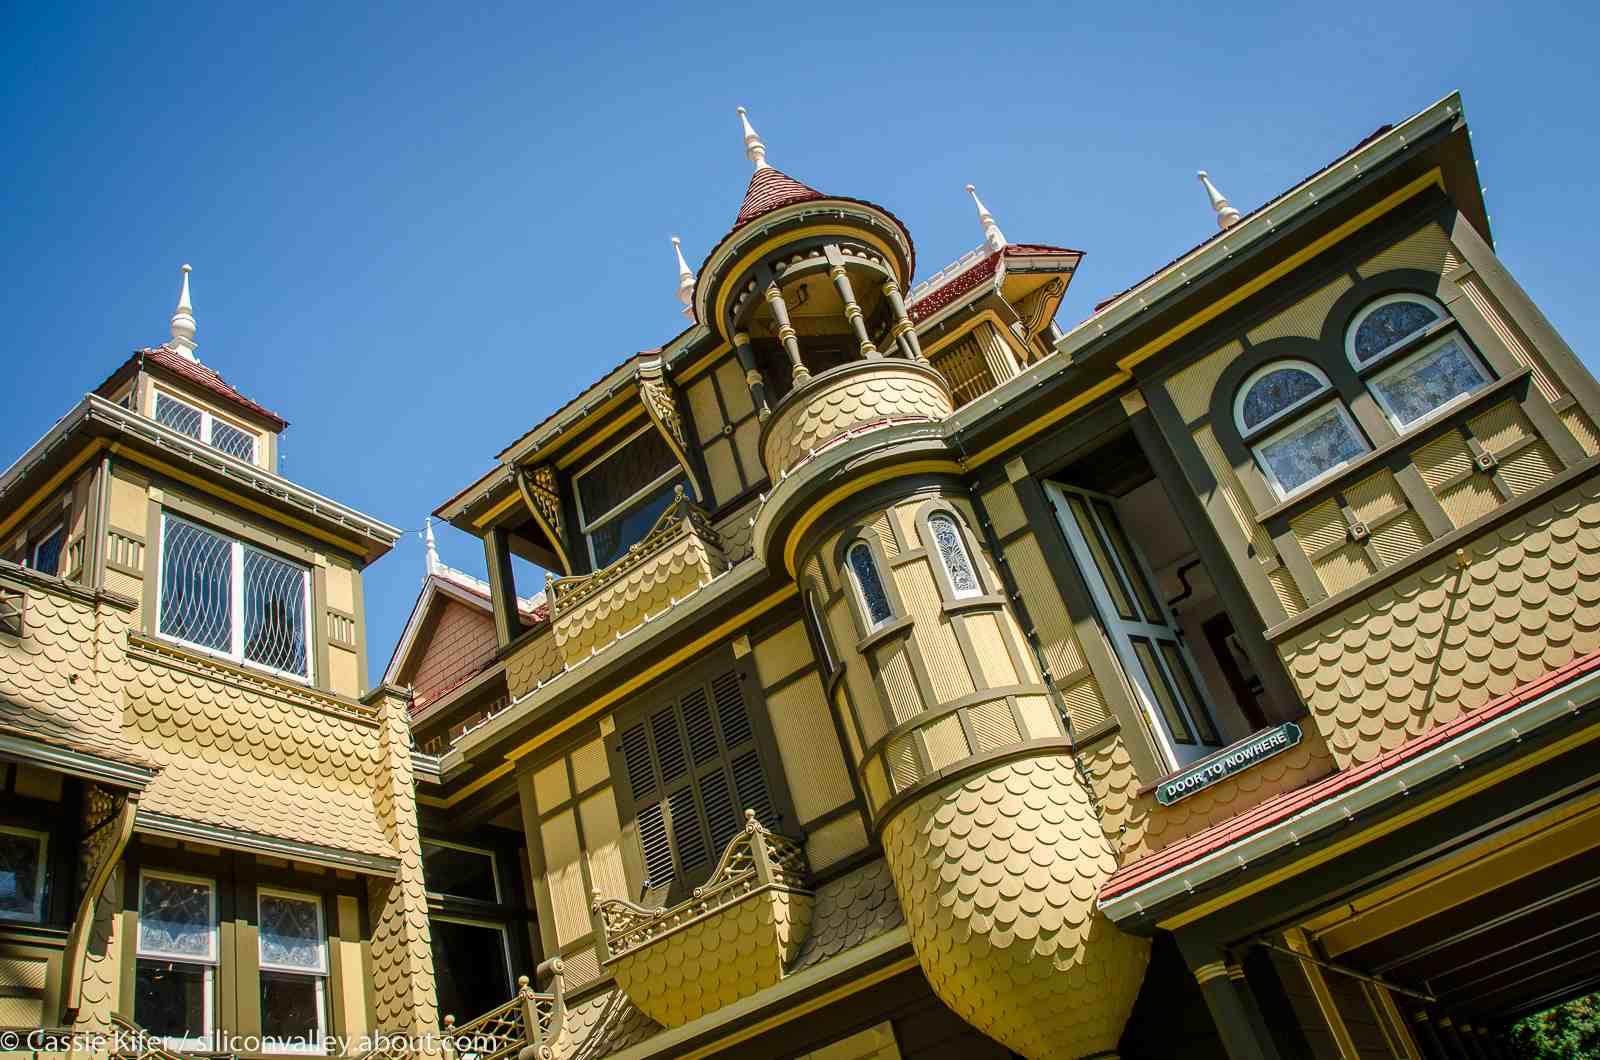 Mansão winchester, conheça a história da casa mais assustadora de todas